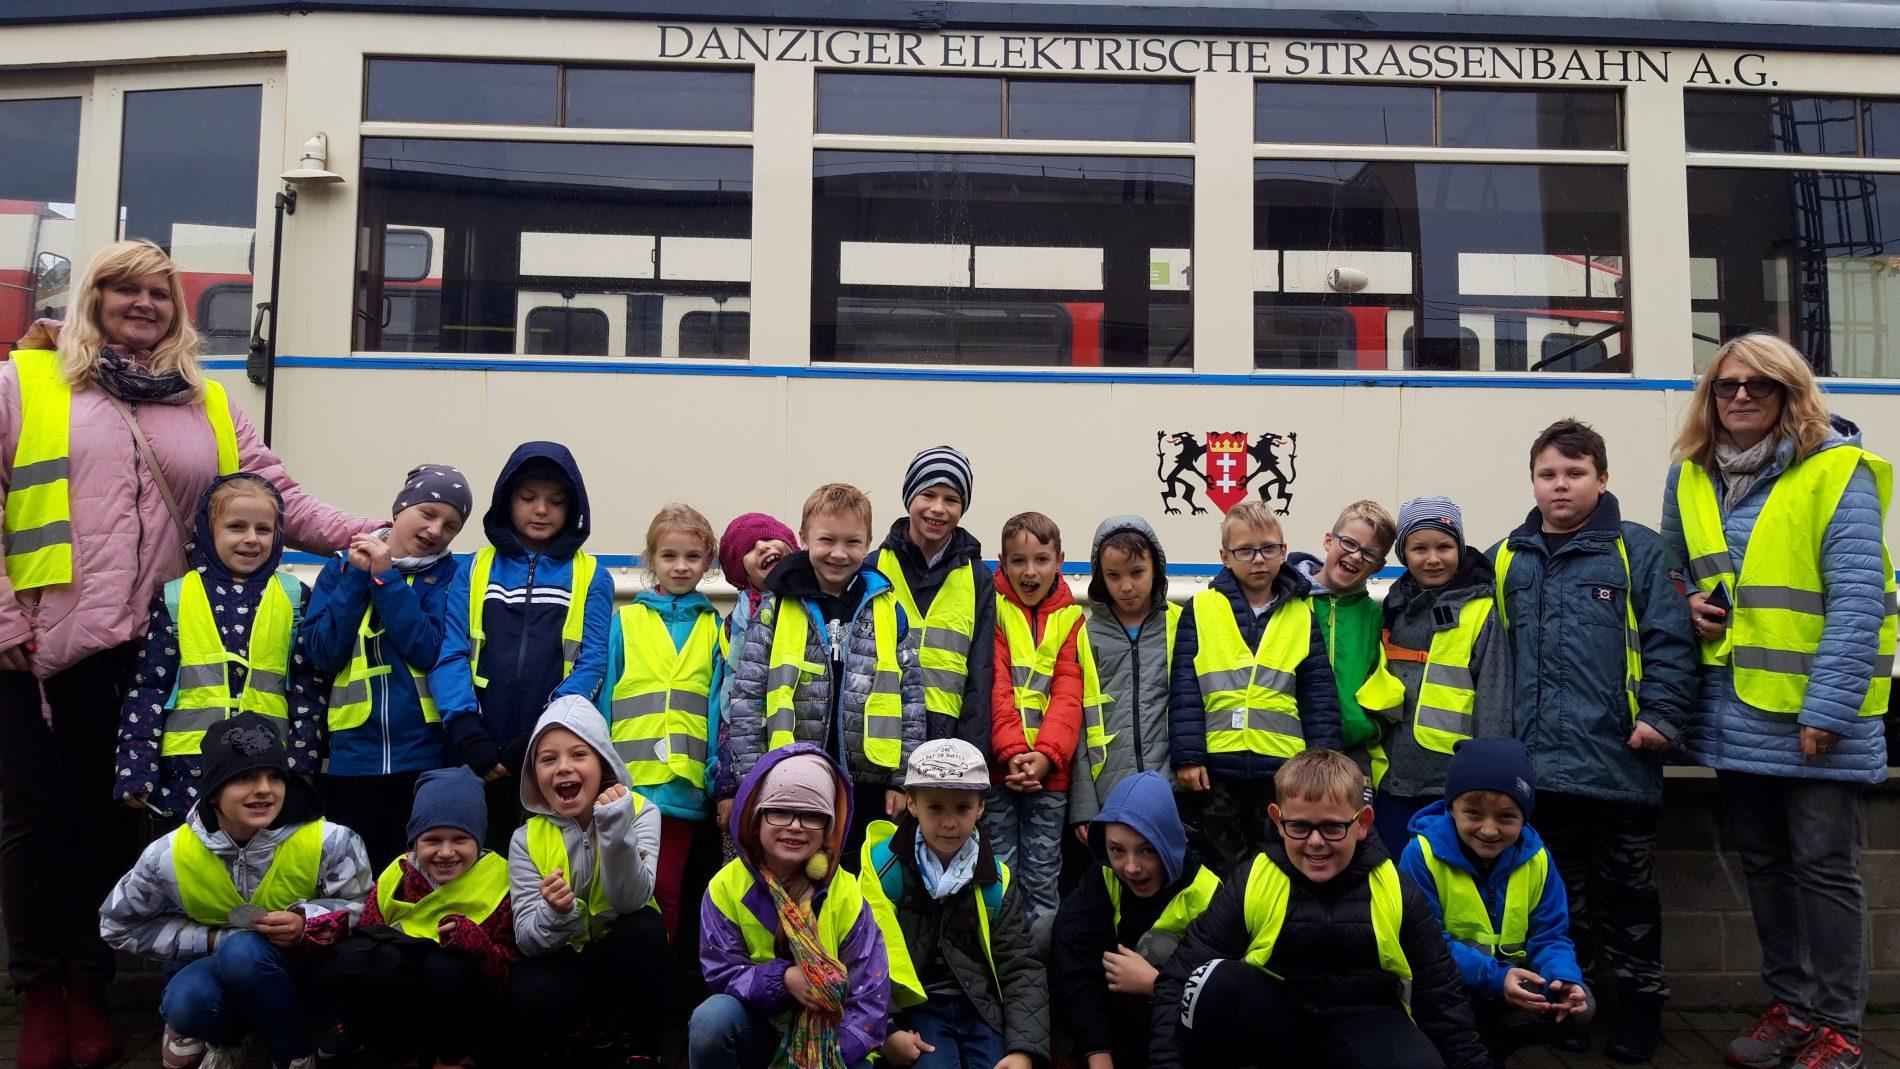 Z wizytą na zajezdni uczniowie z SP nr 38 z Gdańska